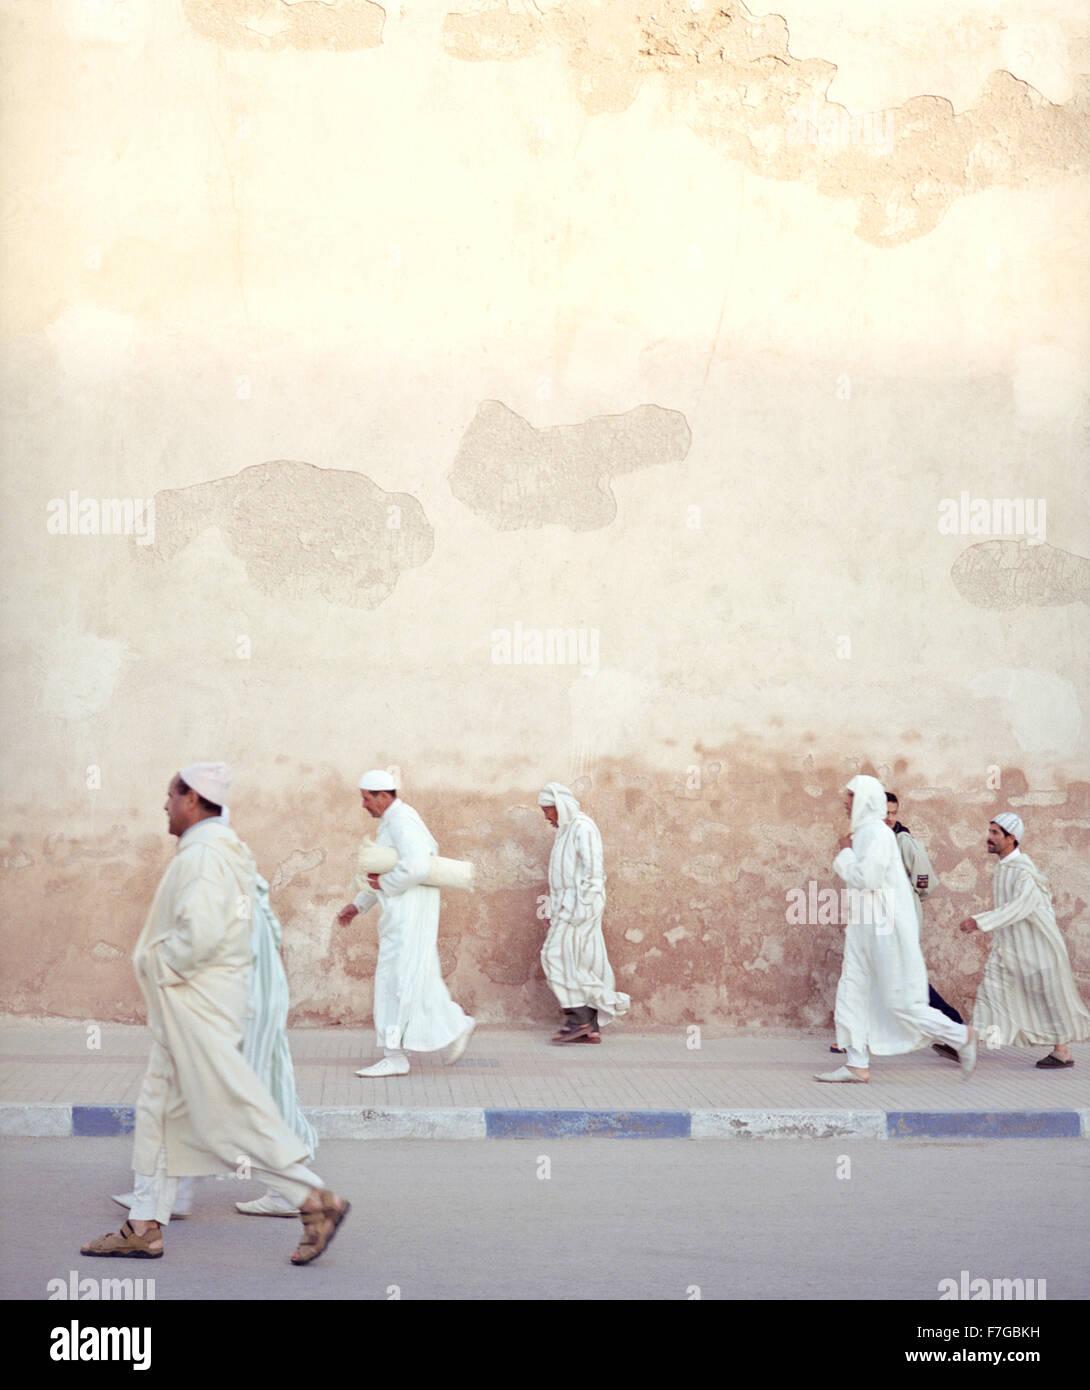 Marokkanische muslimische Männer gehen zügig vorbei an der Stadtmauer auf dem Weg zum Morgengebet. Essaouira, Stockbild